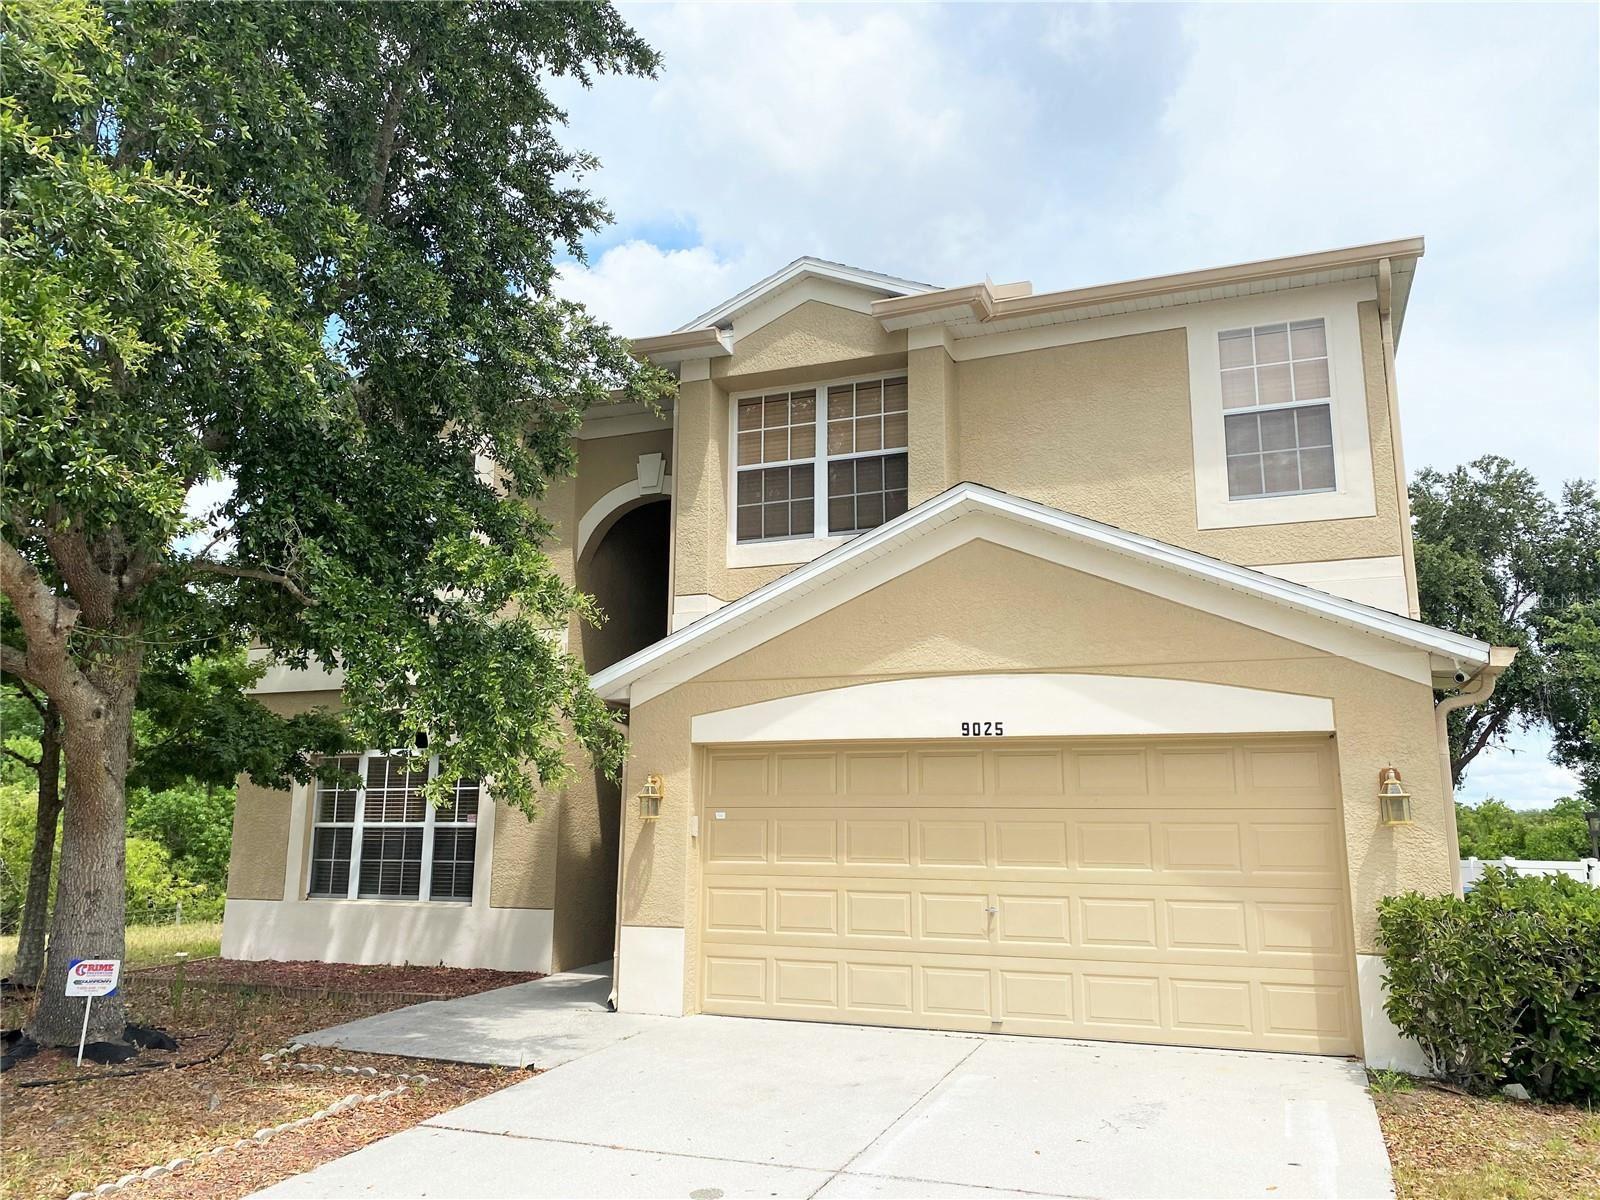 9025 LOST MILL DRIVE, Land O Lakes, FL 34638 - MLS#: T3310694